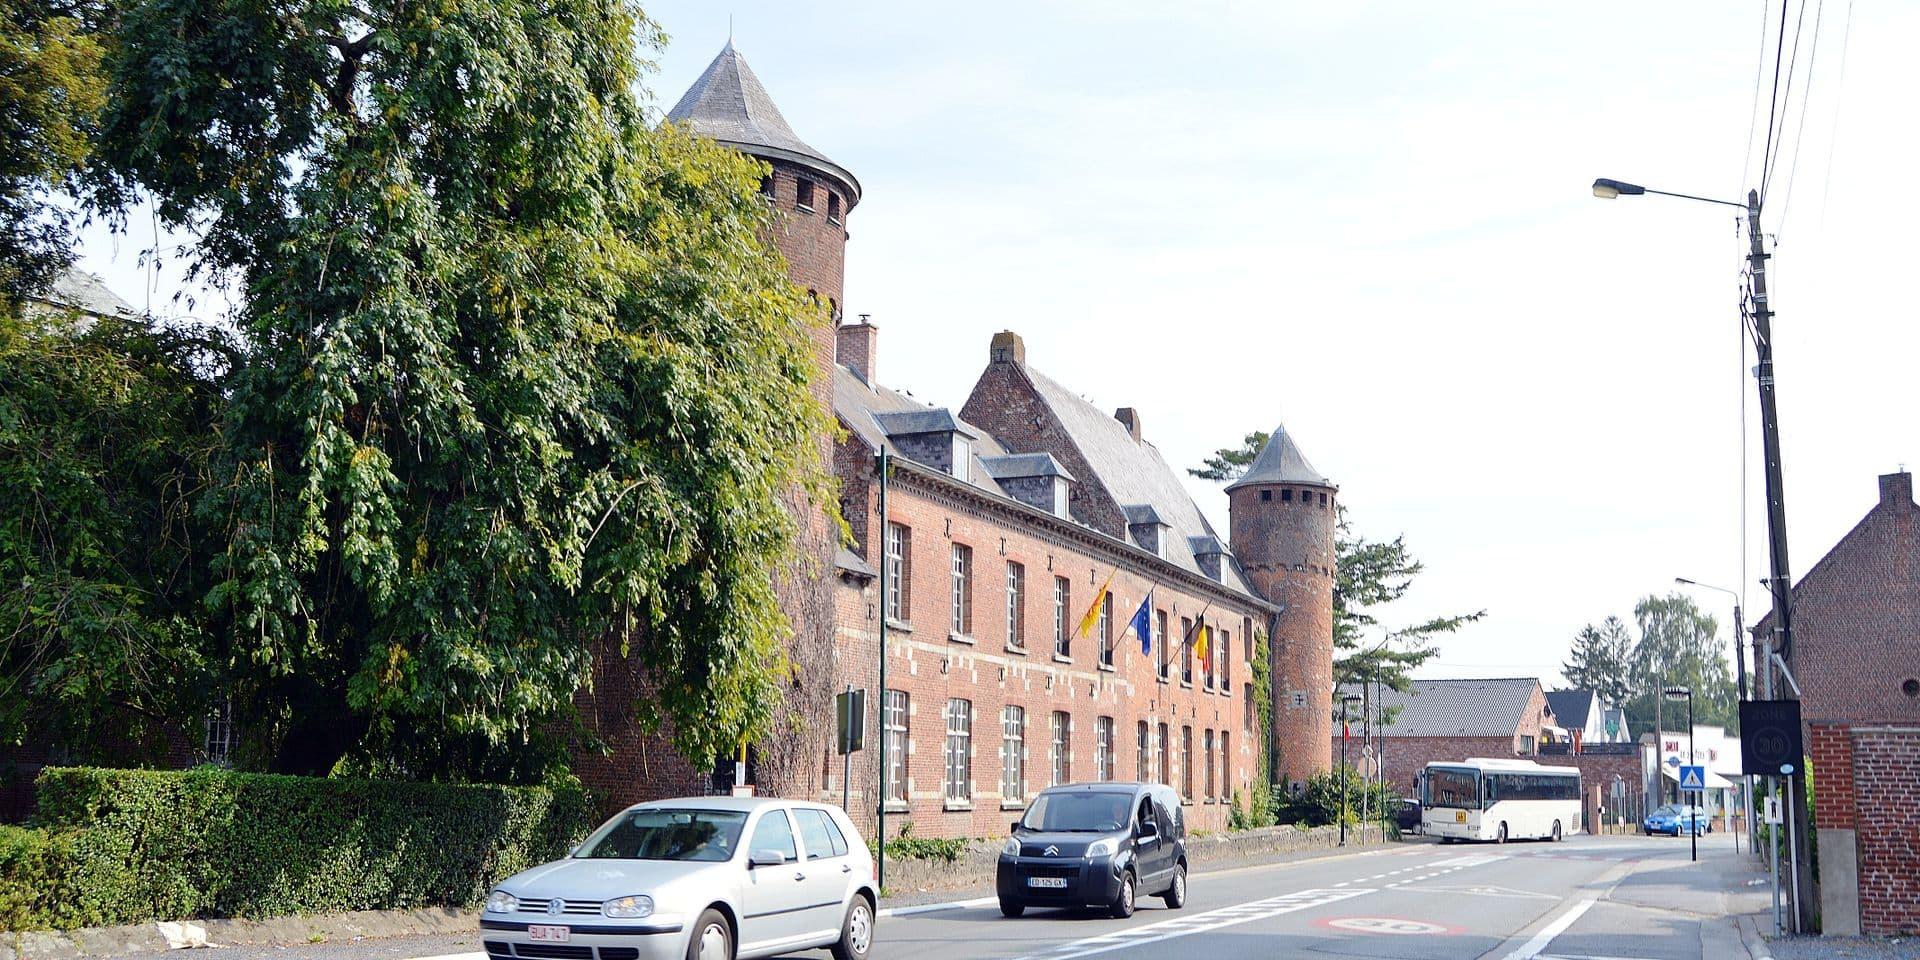 550 000 € : le montant à payer par la Ville de Tournai pour acquérir la partie du Château de Templeuve appartenant à la SPABSH